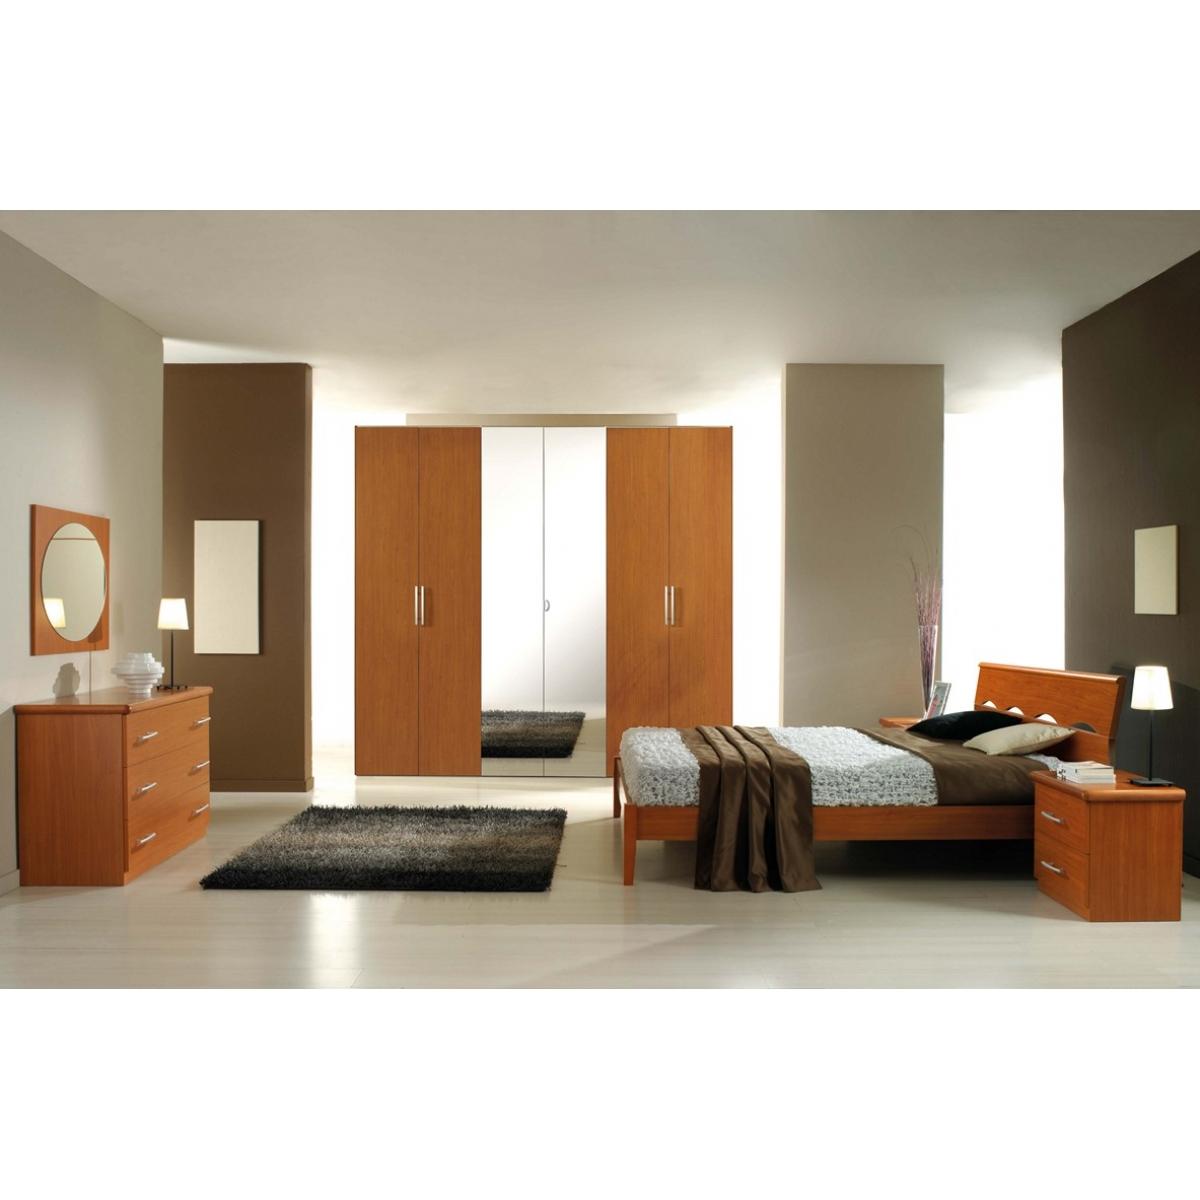 Camere Da Letto Moderne In Ciliegio.831 Camera Da Letto Ciliegio